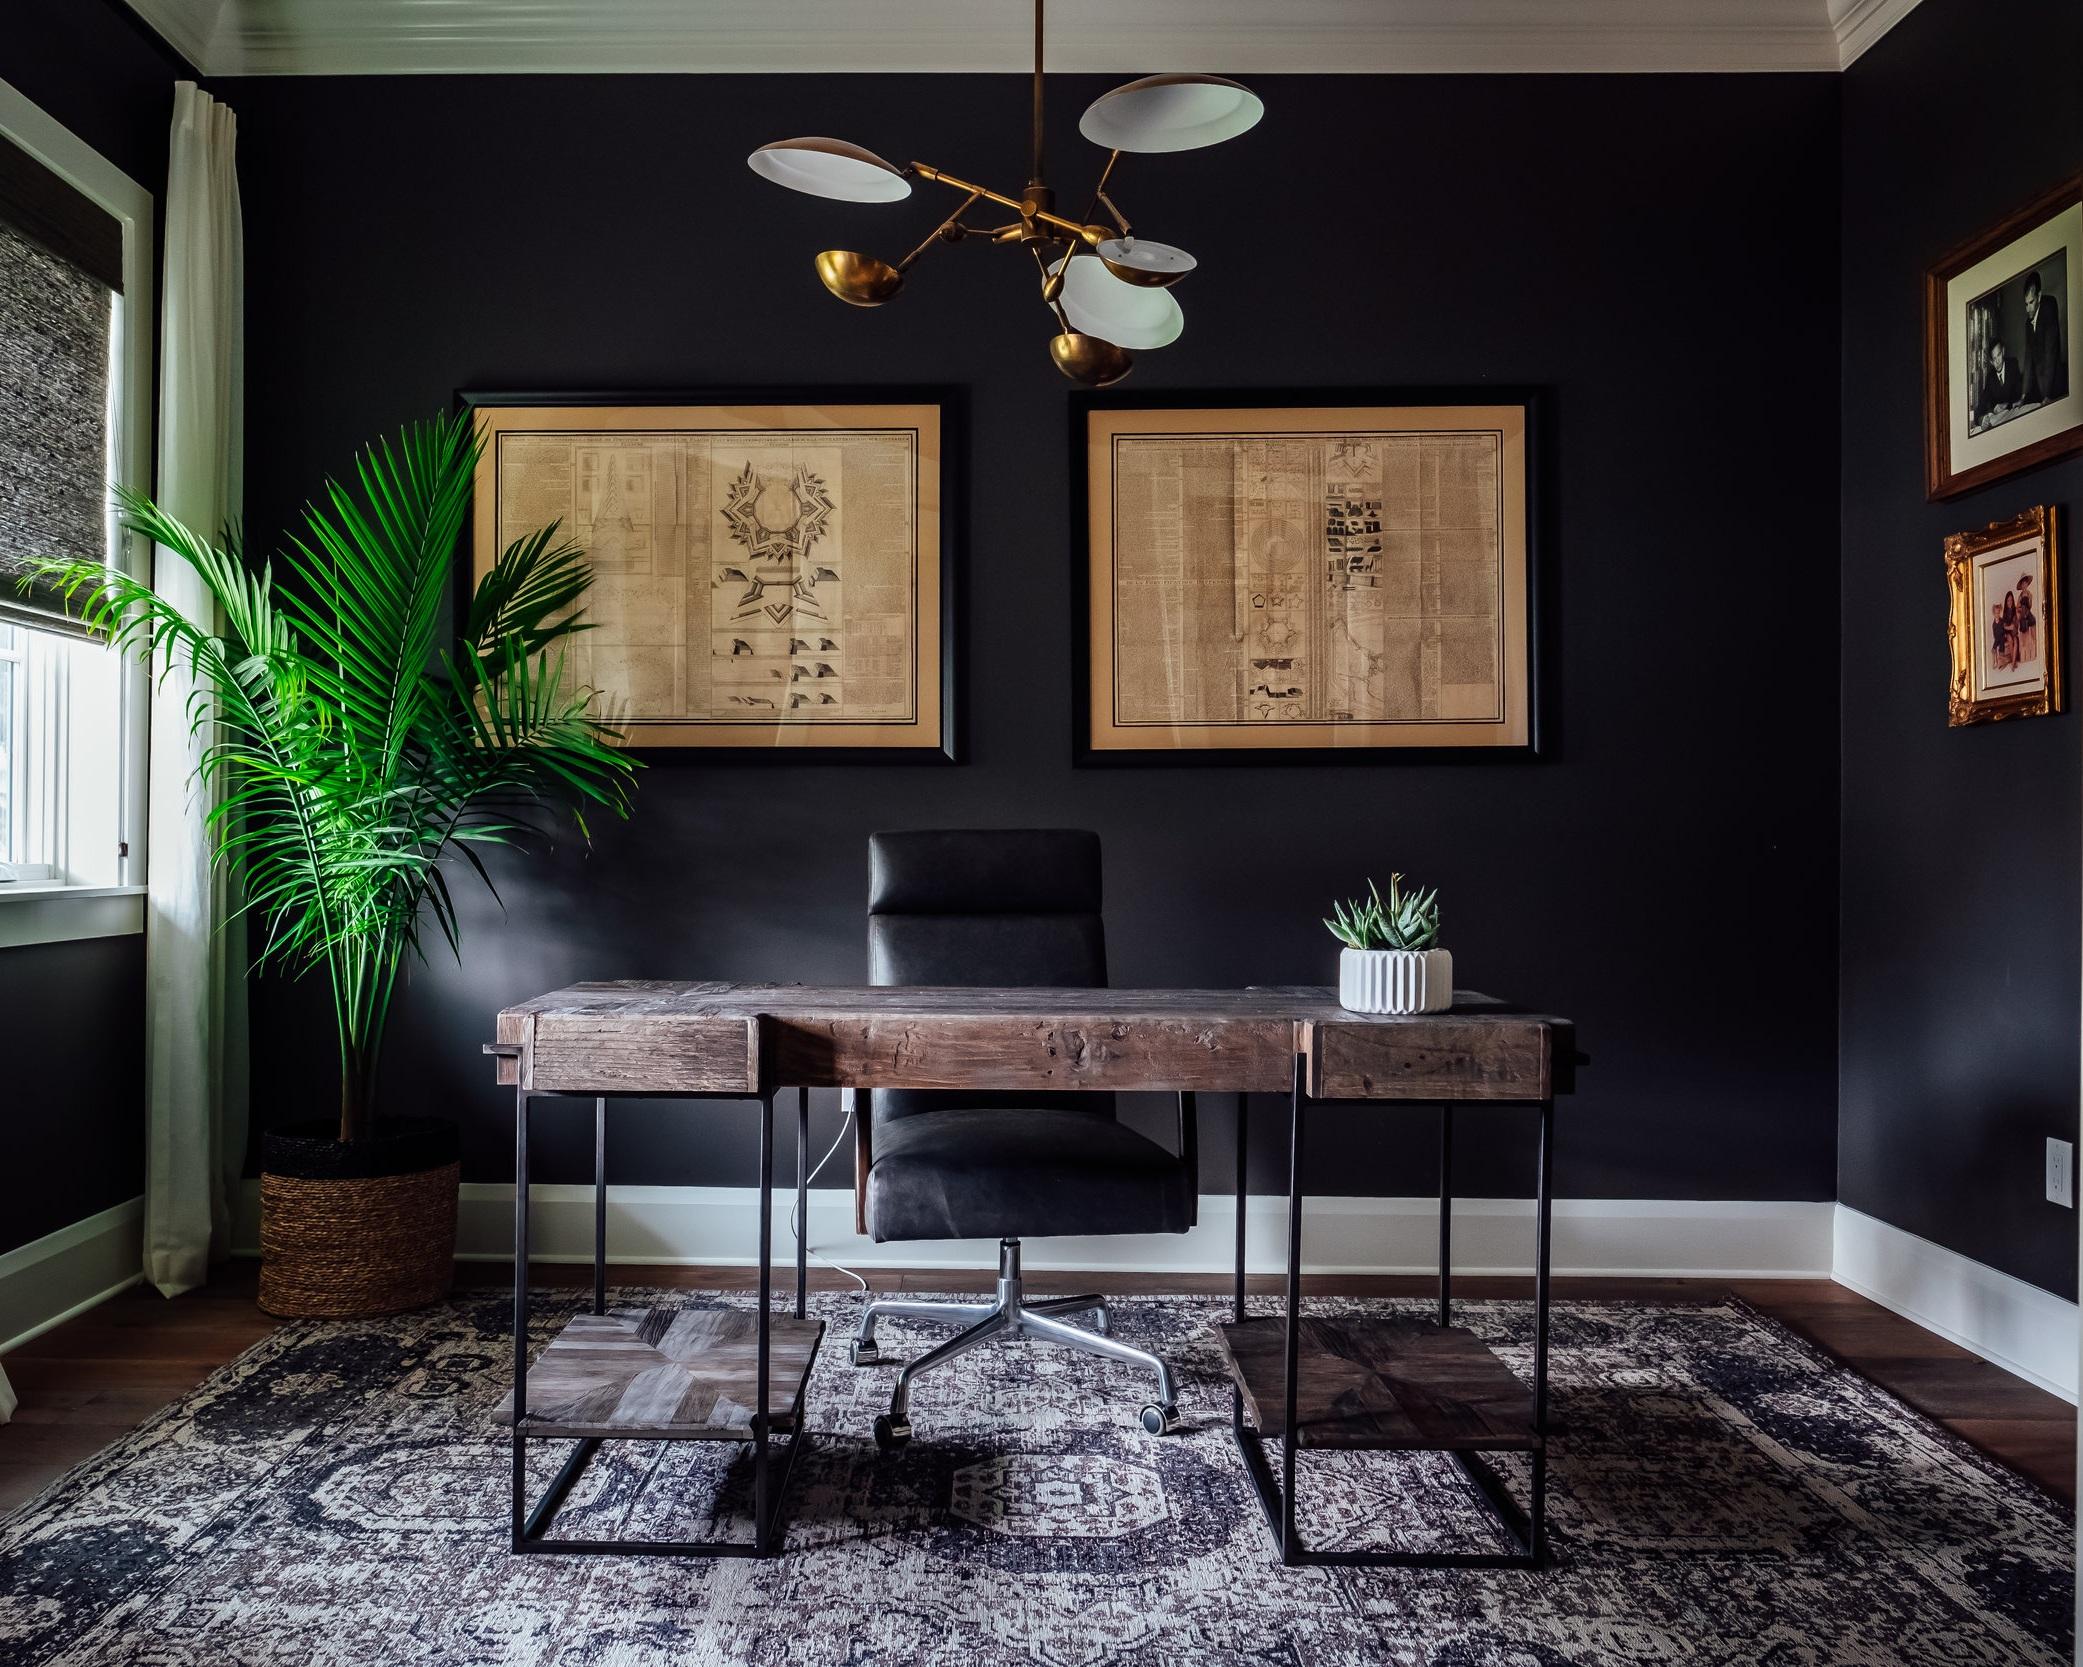 Tampa+Interior+Designer+Ann+Cox+Design+Latest+Work.jpg